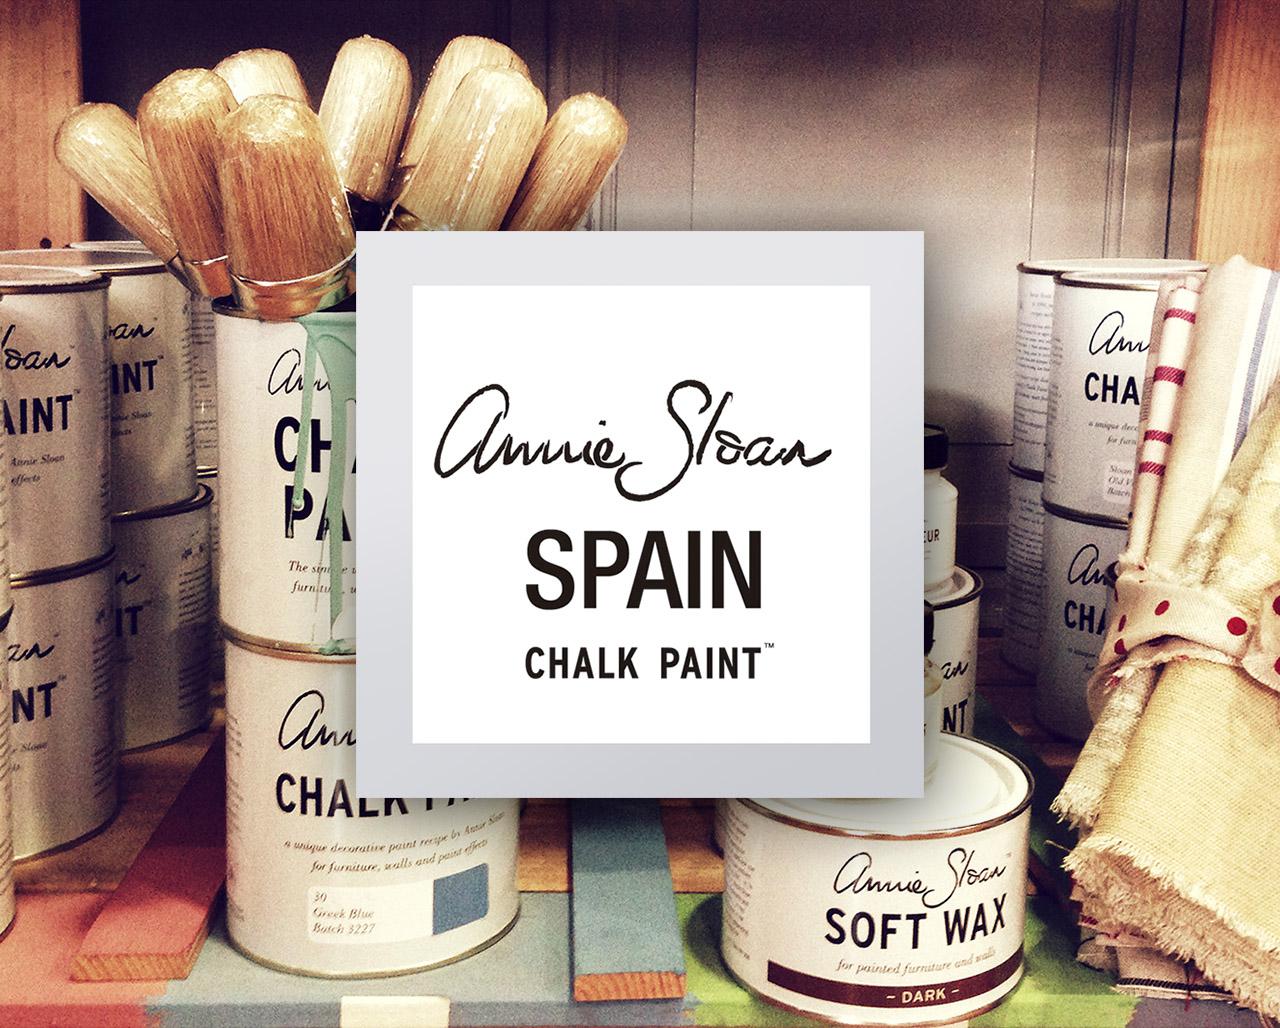 Annie Sloan S Chalkpaint Tienda Online Stgo